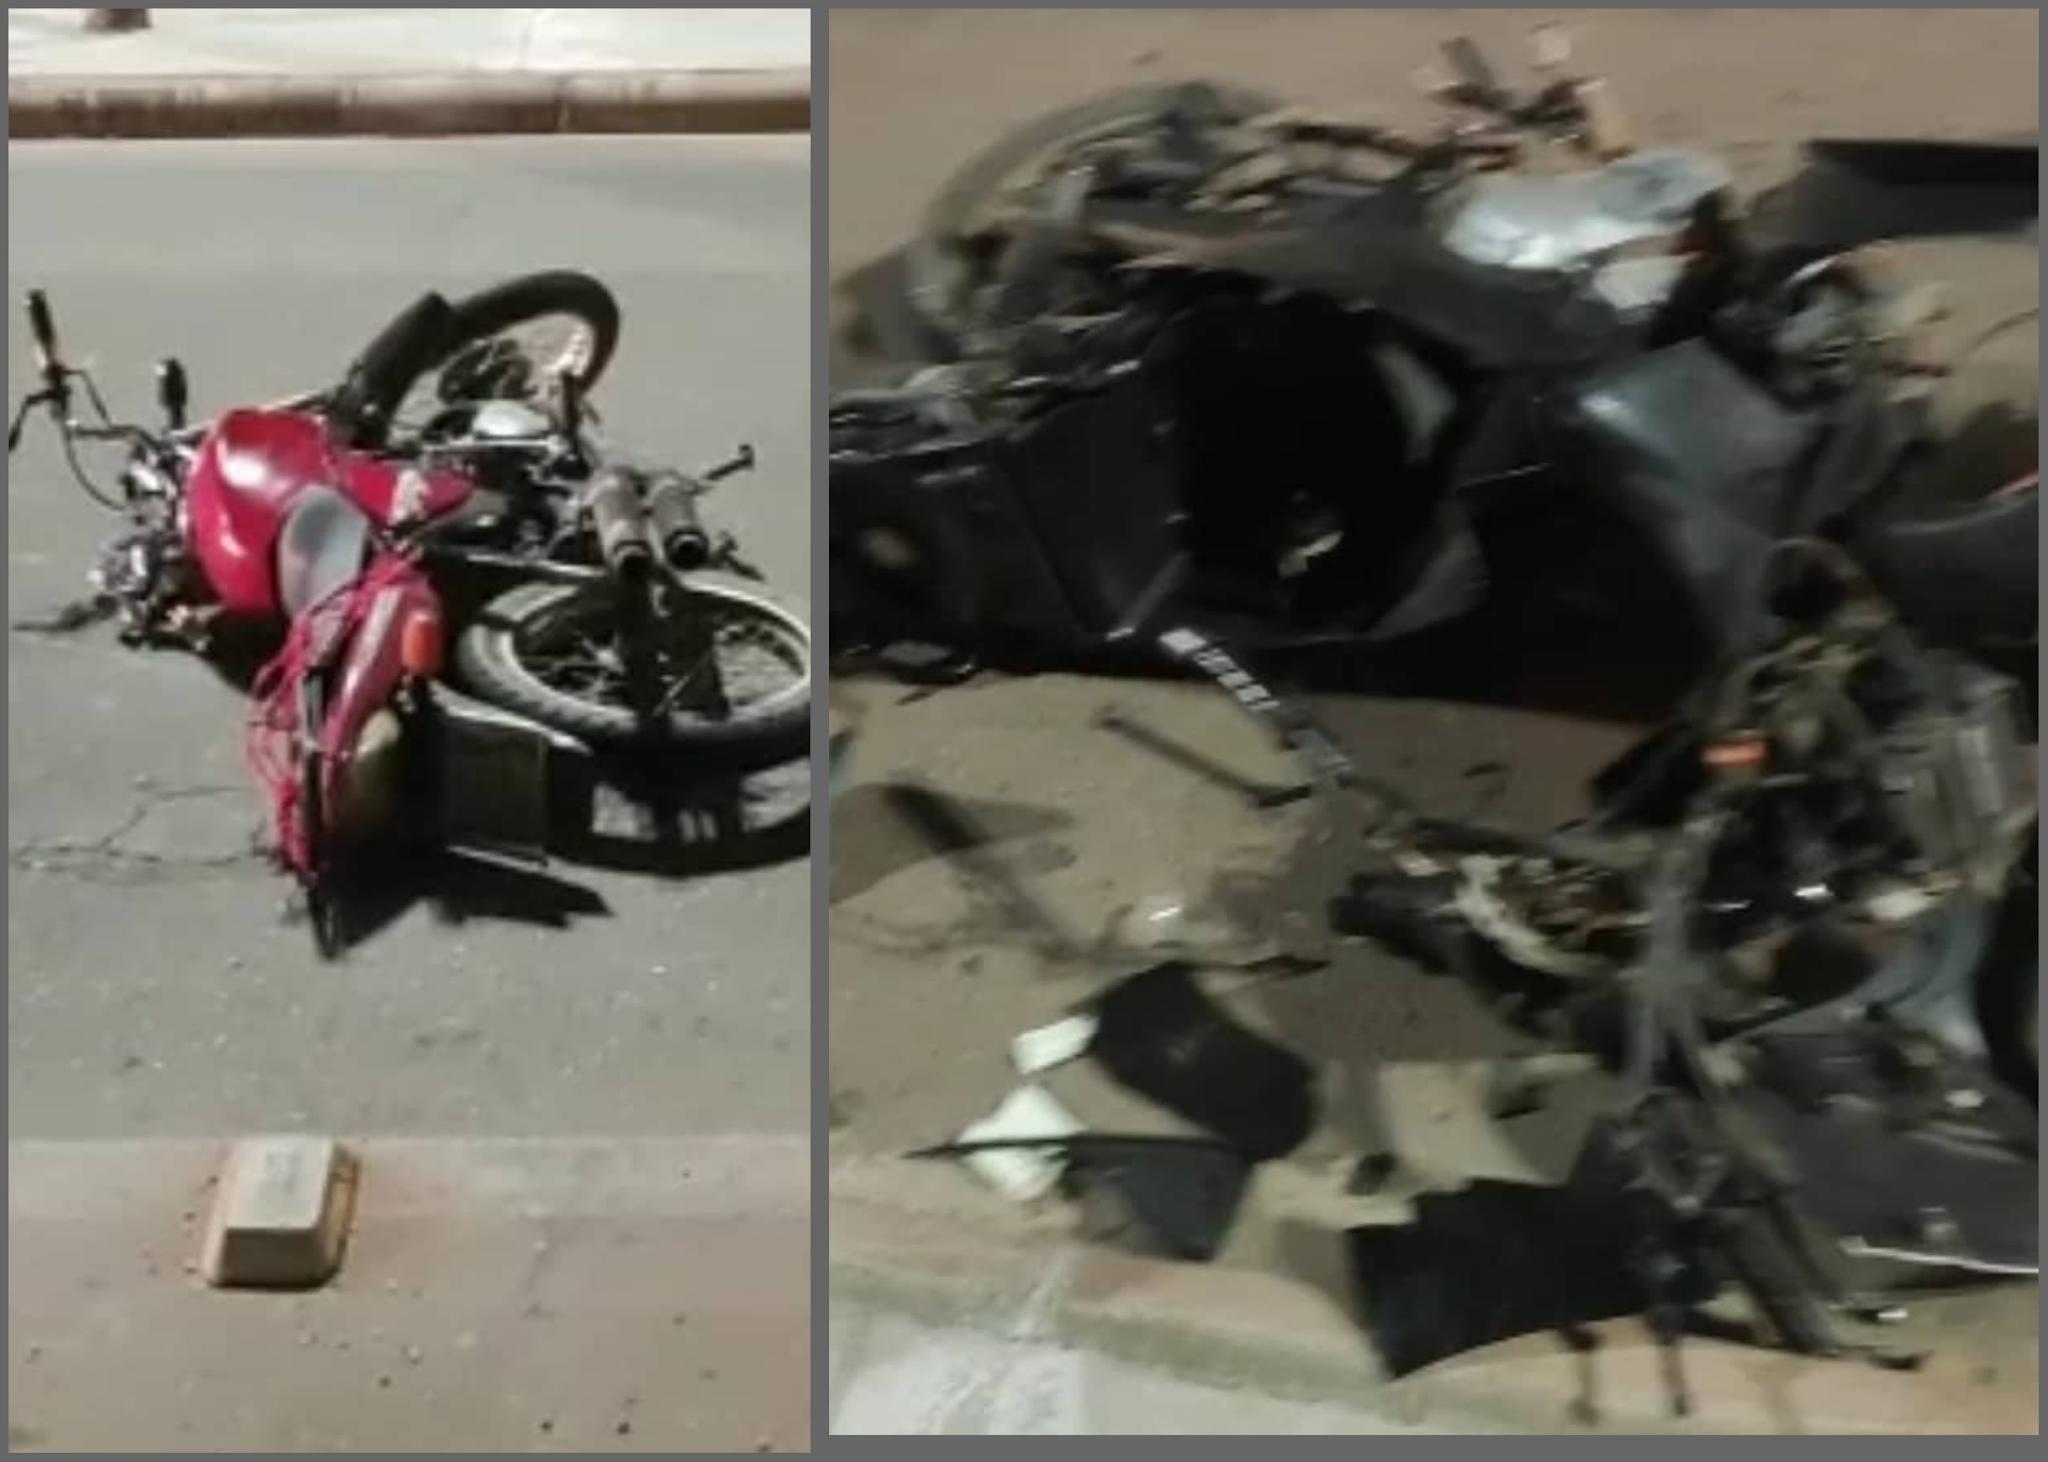 Acidente de moto na PA-160, mata um homem e deixa outro em estado grave, em Parauapebas.